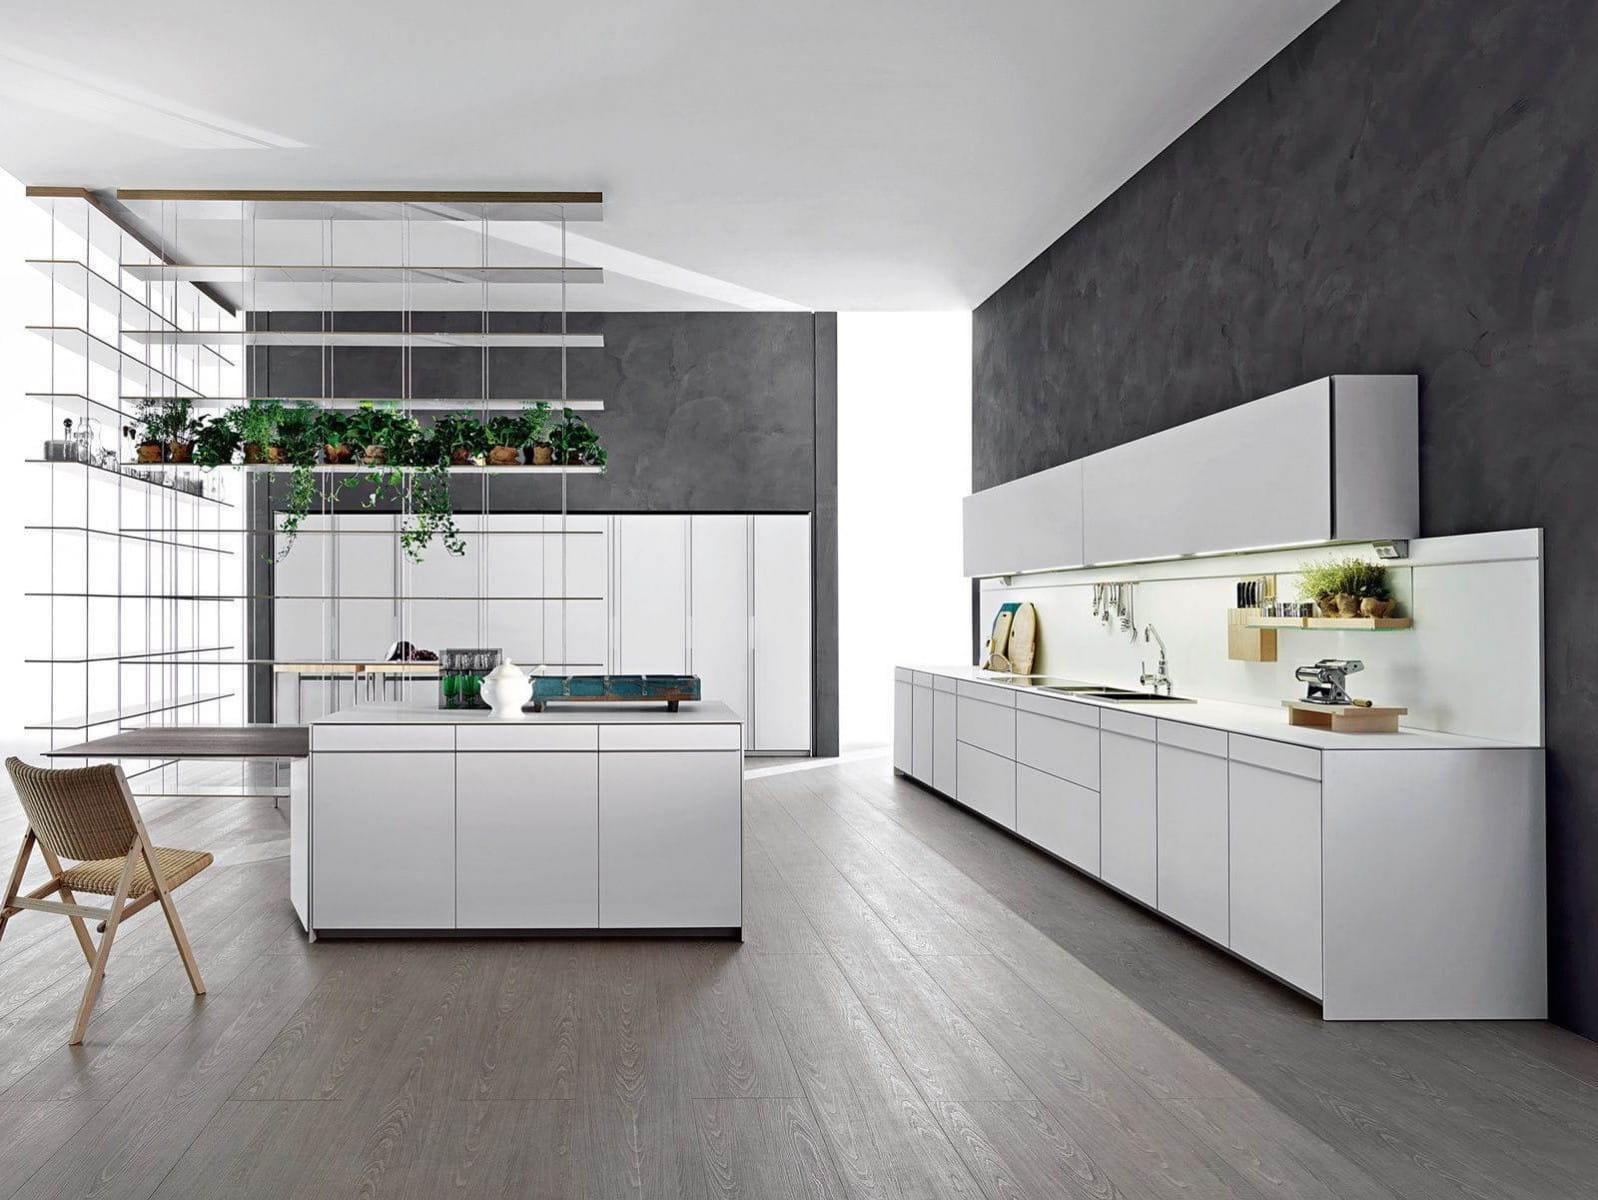 Pour zoner l'espace de la cuisine sans l'encombrer, vous pouvez utiliser une étagère verticale haute.